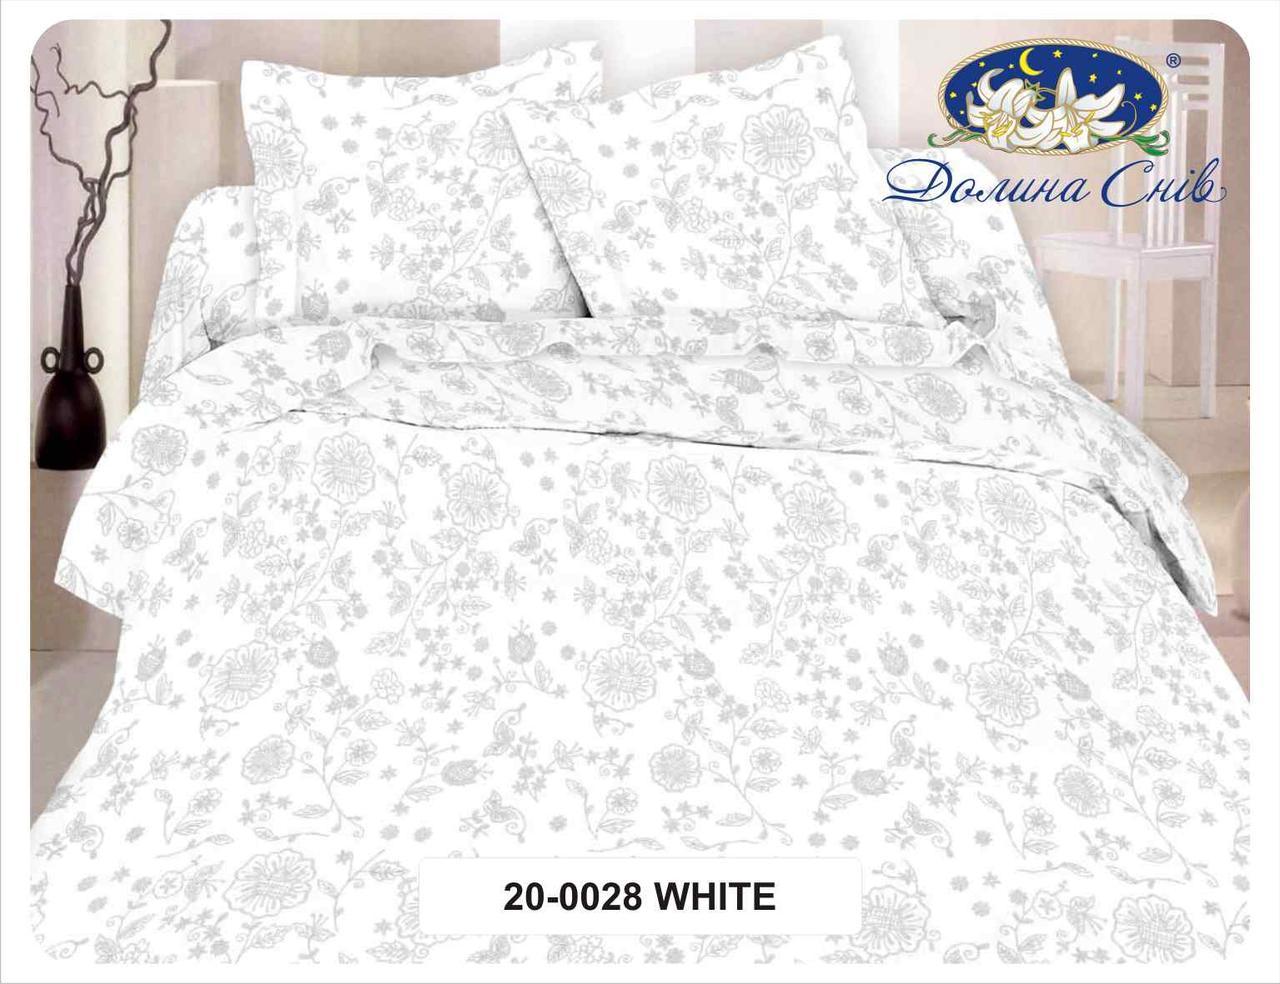 Одеяло из овечьей шерсти в сатине 140x205 см. 20-0028 white